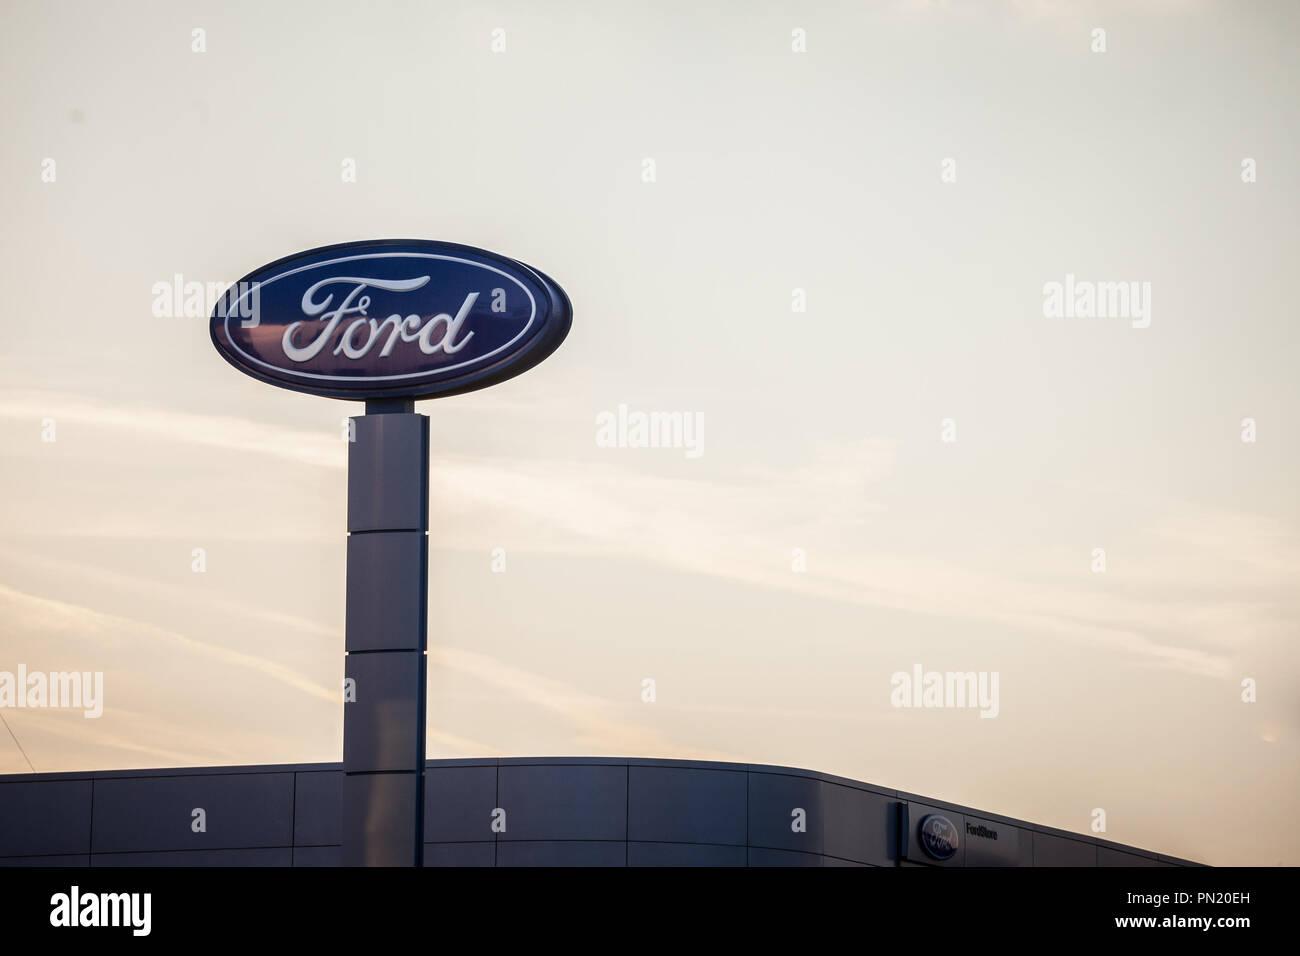 Belgrad, SERBIEN - 19. SEPTEMBER 2018: Ford Logo auf ihren wichtigsten Händler store Belgrad. Ford ist ein amerikanisches Auto und Kfz-Hersteller, der sec Stockfoto